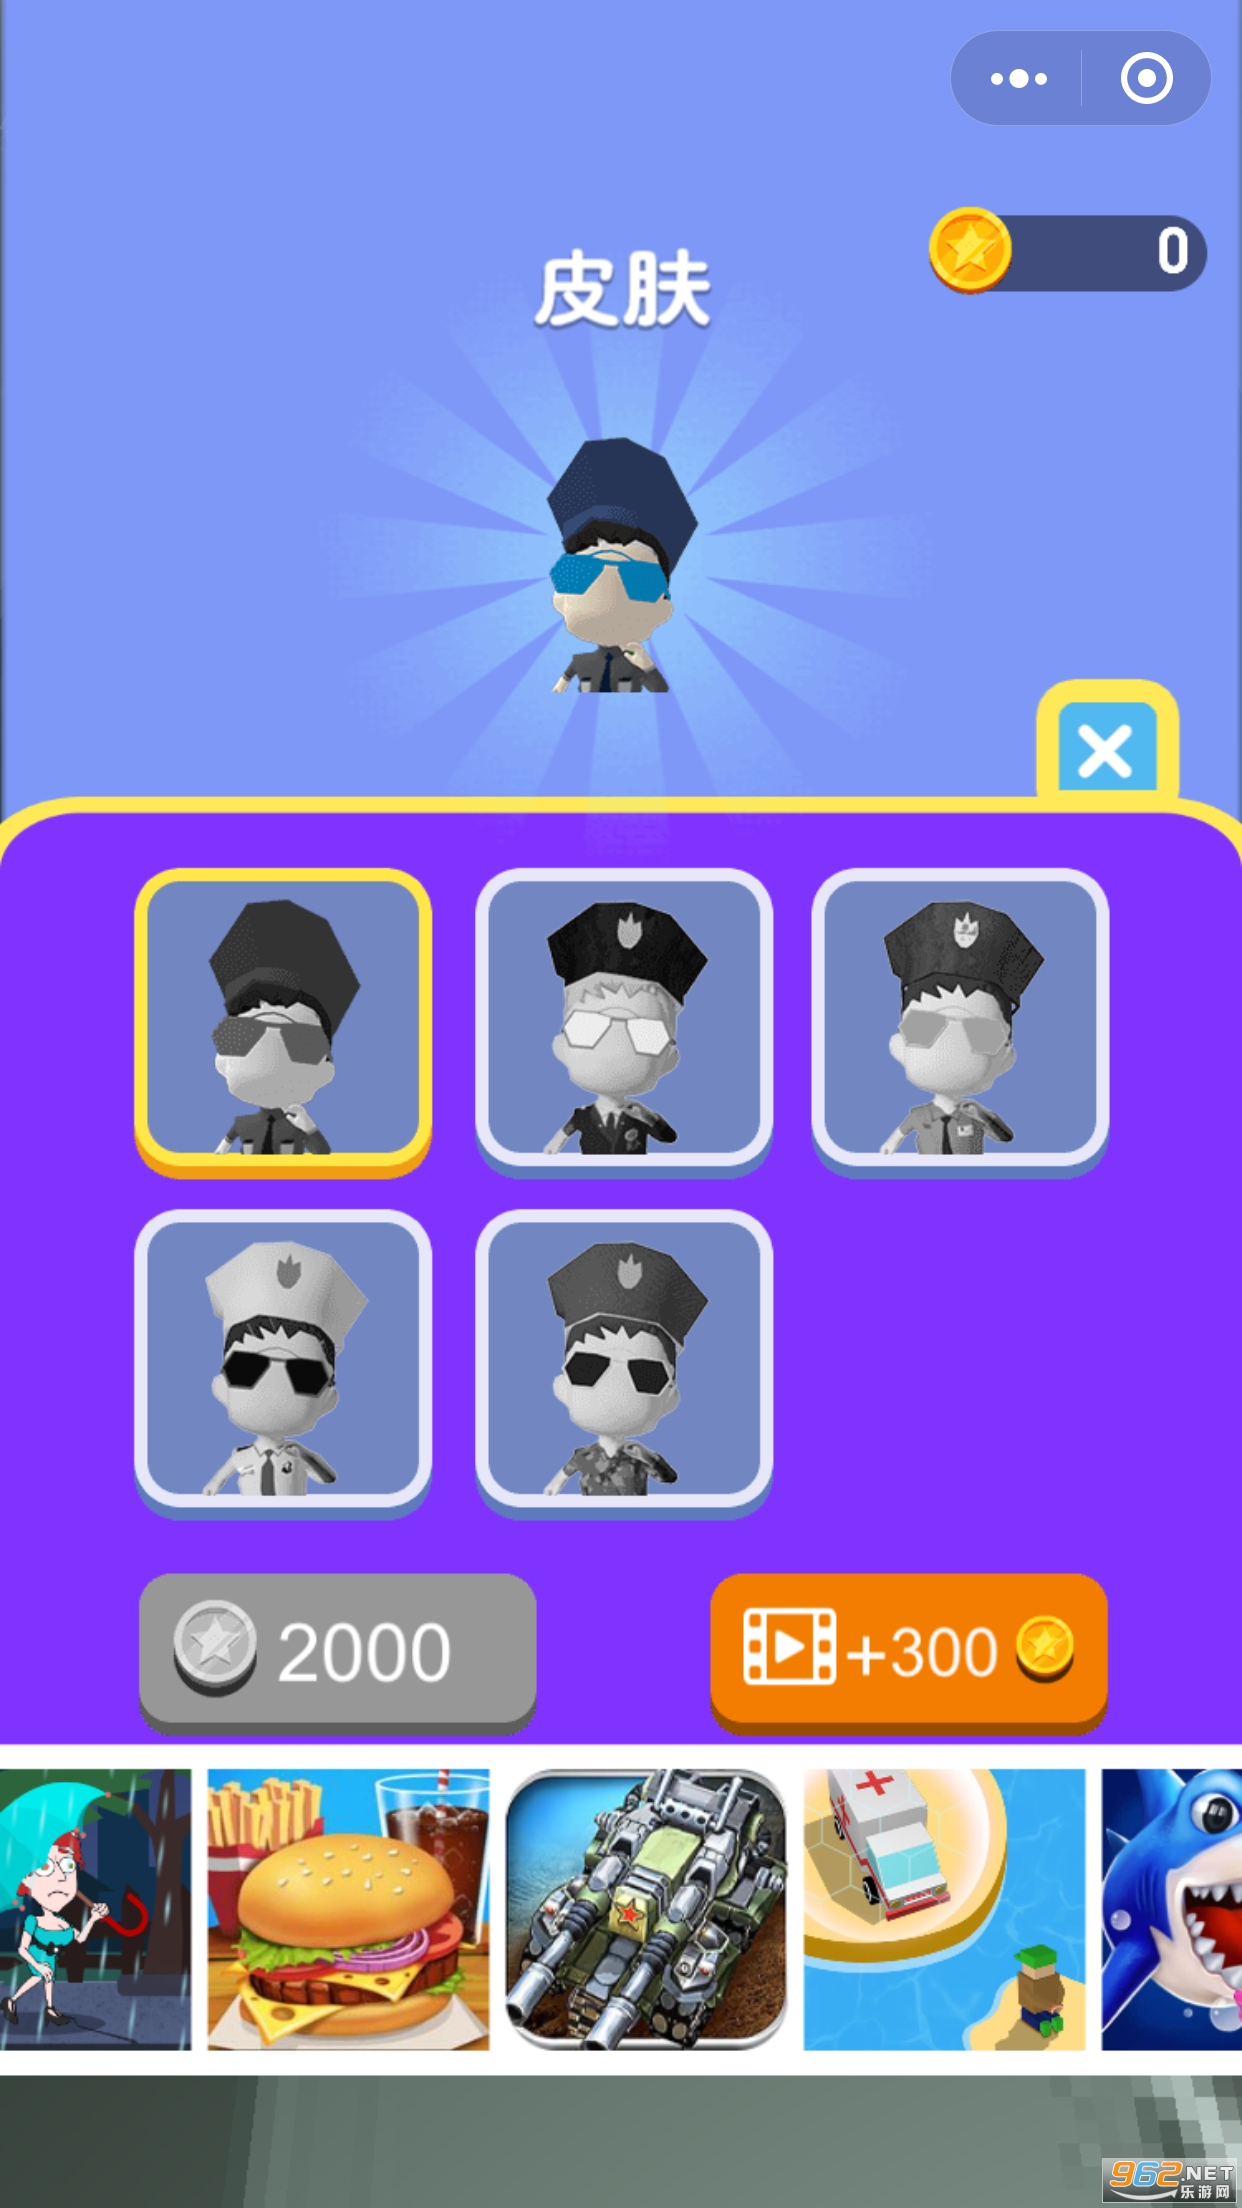 警察捉小偷小游戏小程序截图1